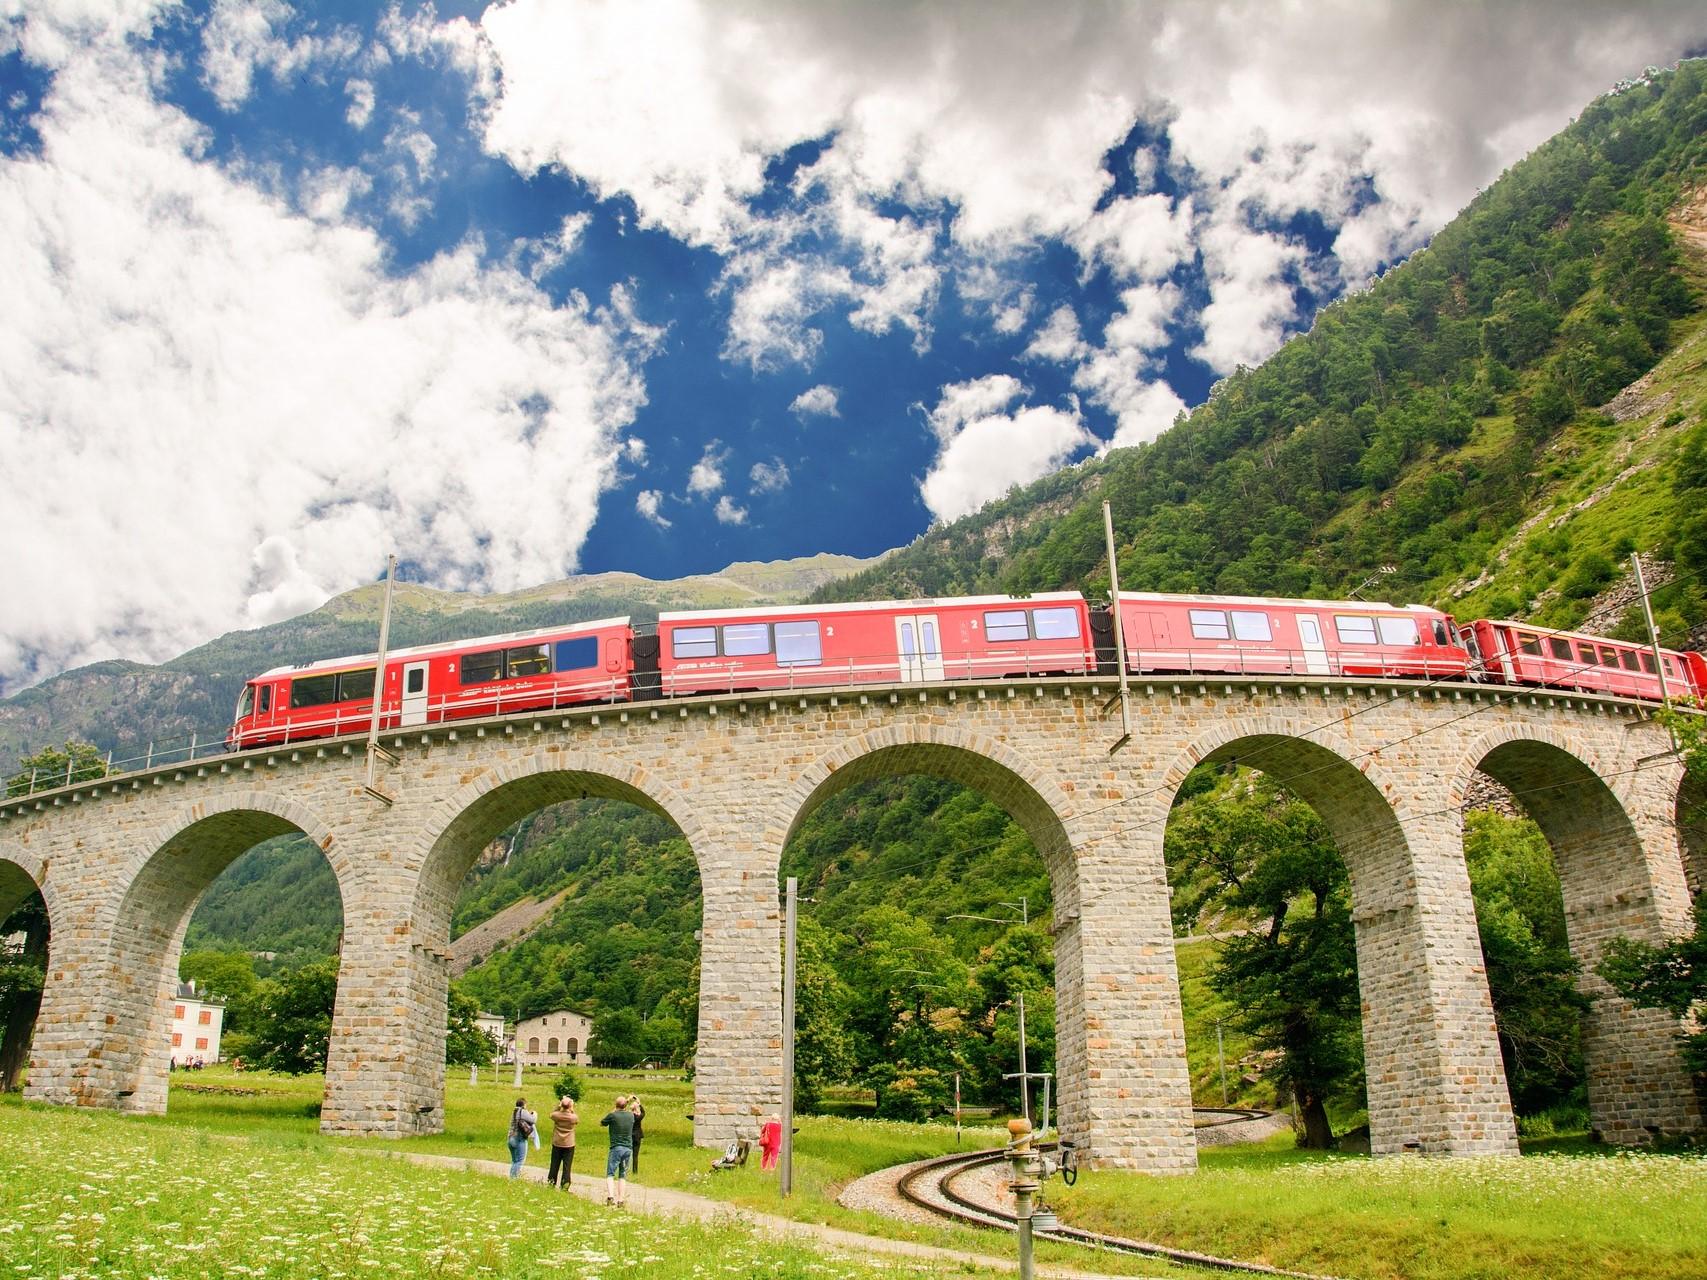 train-4176196_1920 Brusio pixabay edited